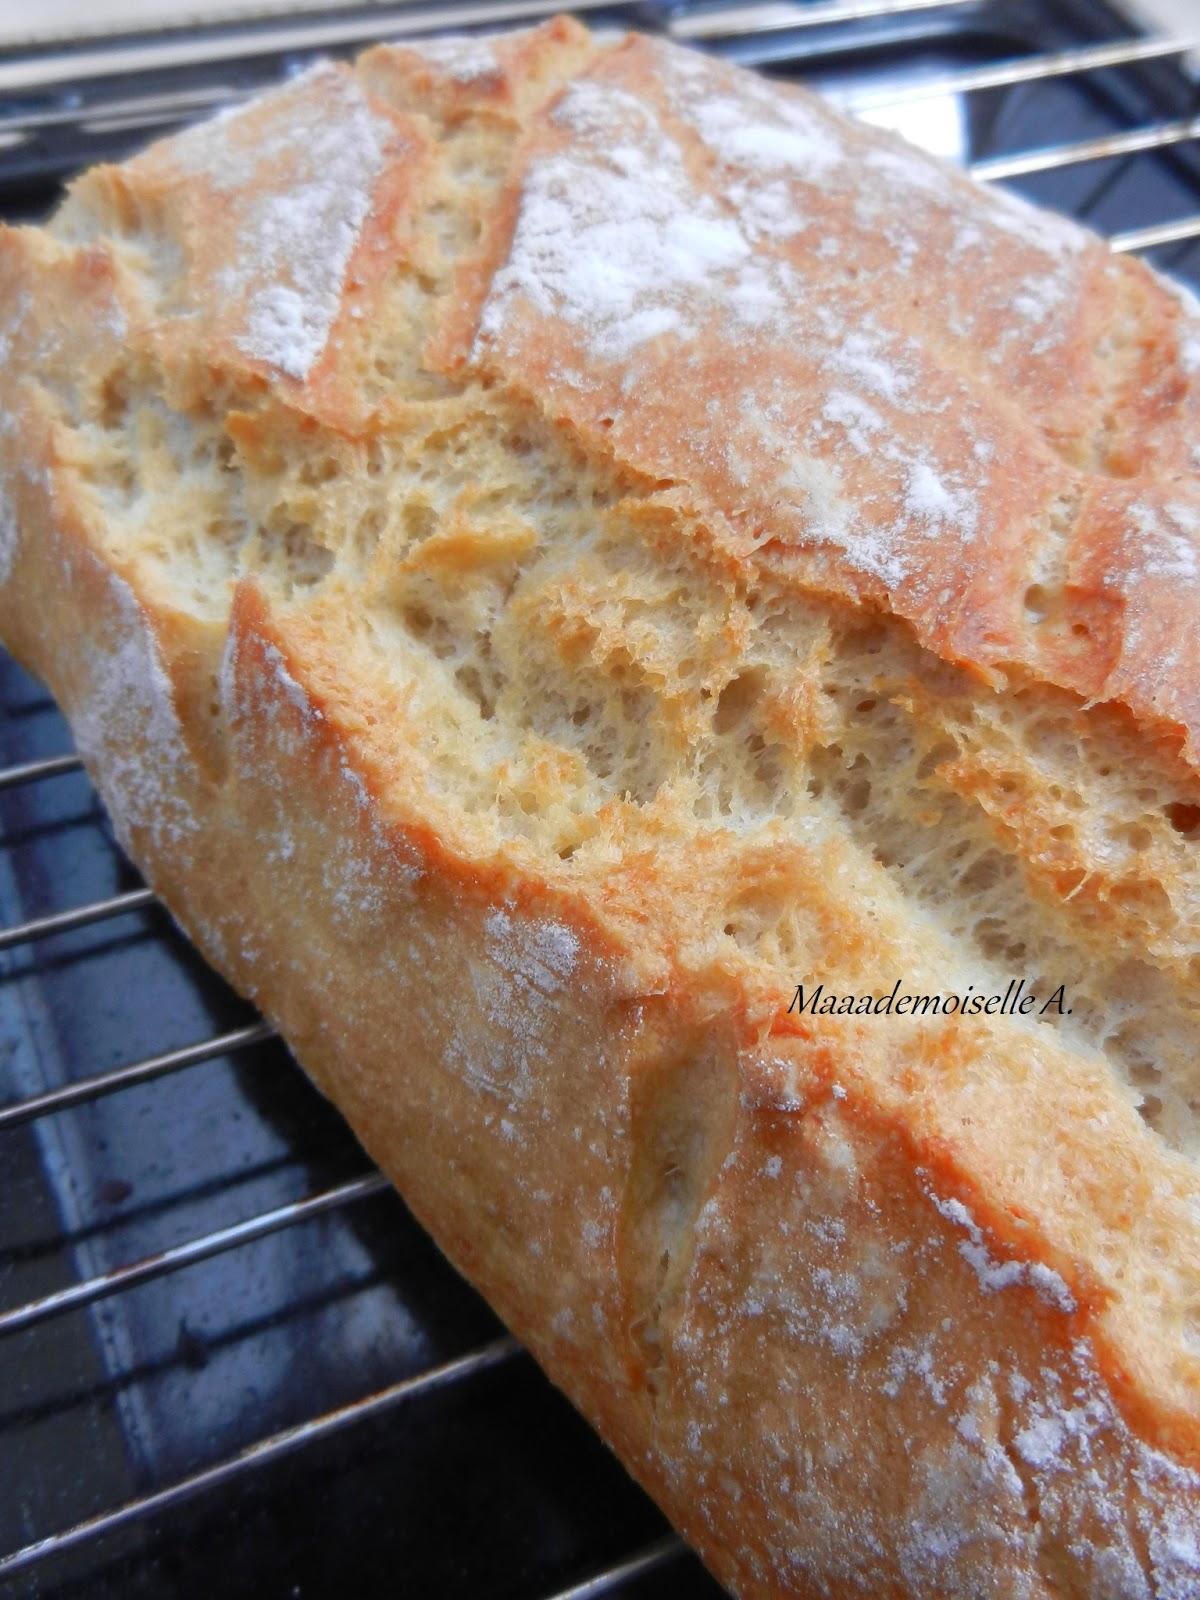 Maaademoiselle a faire son pain maison sans machine pain c 39 est facile recette - Machine a pain boulanger ...